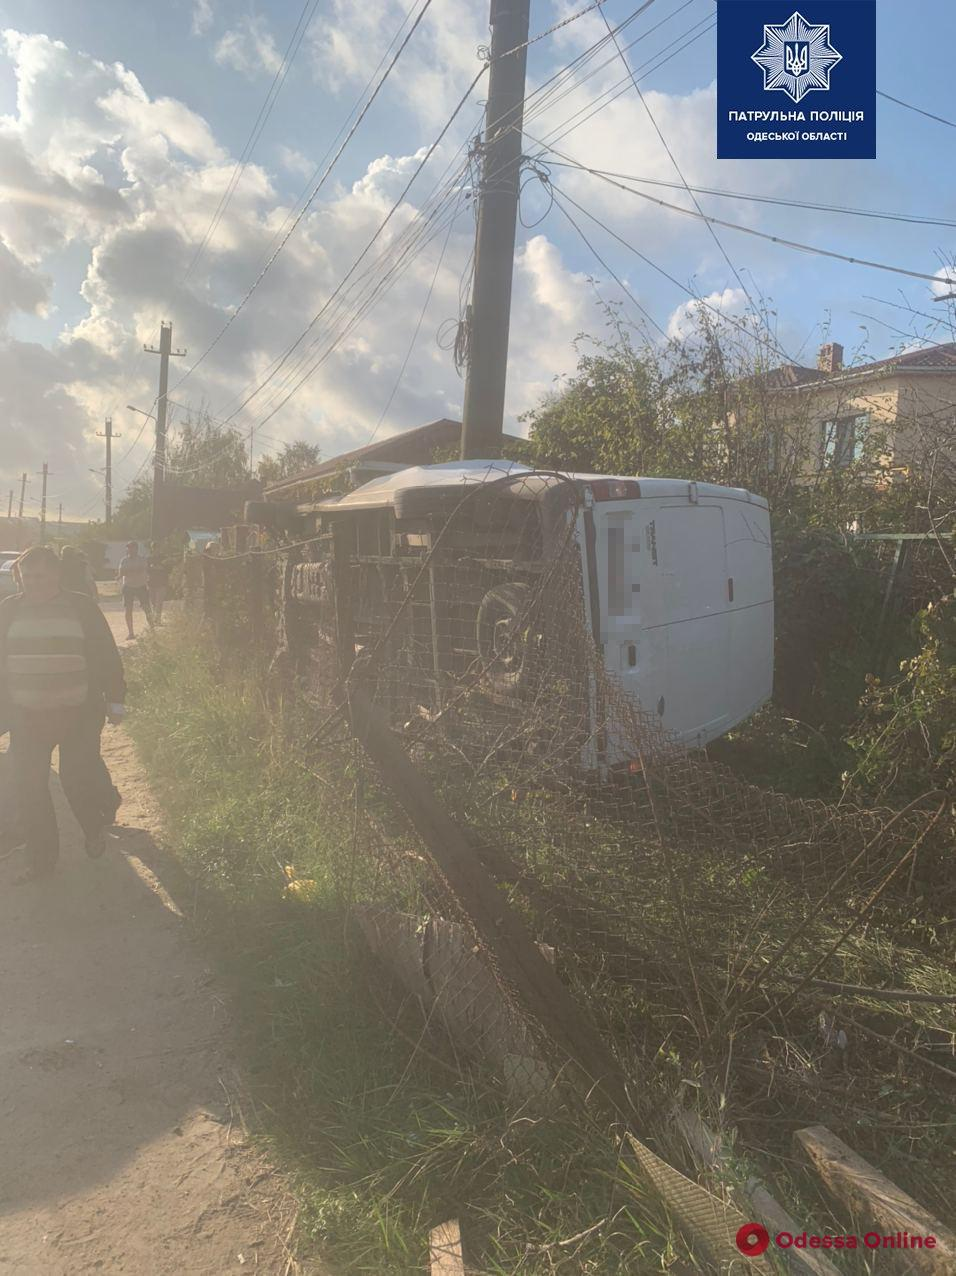 На Хаджибейской дороге Ford при обгоне перевернулся и врезался в электроопору